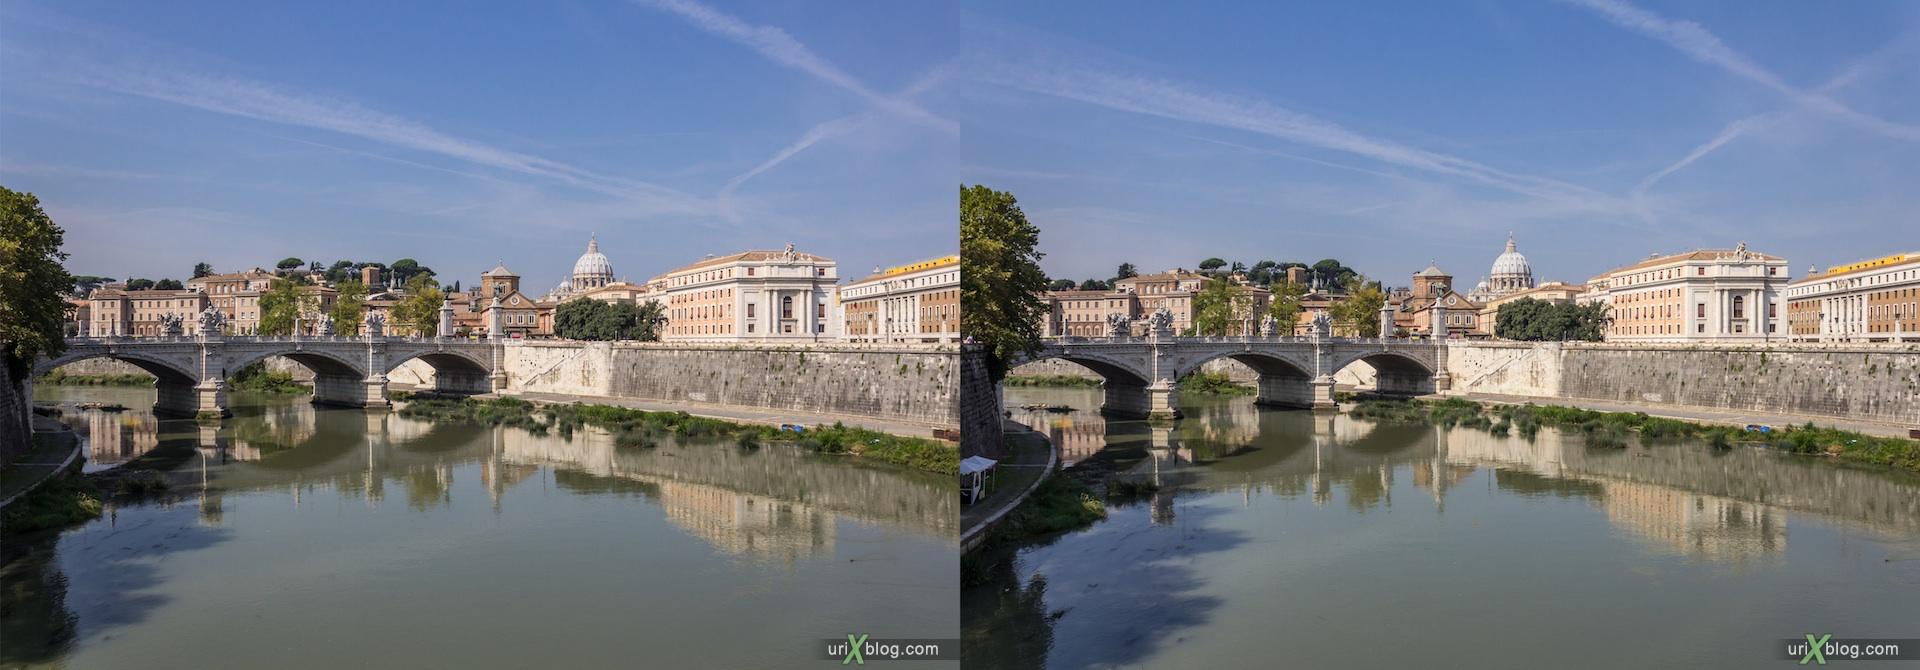 2012, мост Святого Ангела, река Тибр, мост Виктора Эммануила II, Ватикан, Рим, Италия, осень, 3D, перекрёстные стереопары, стерео, стереопара, стереопары